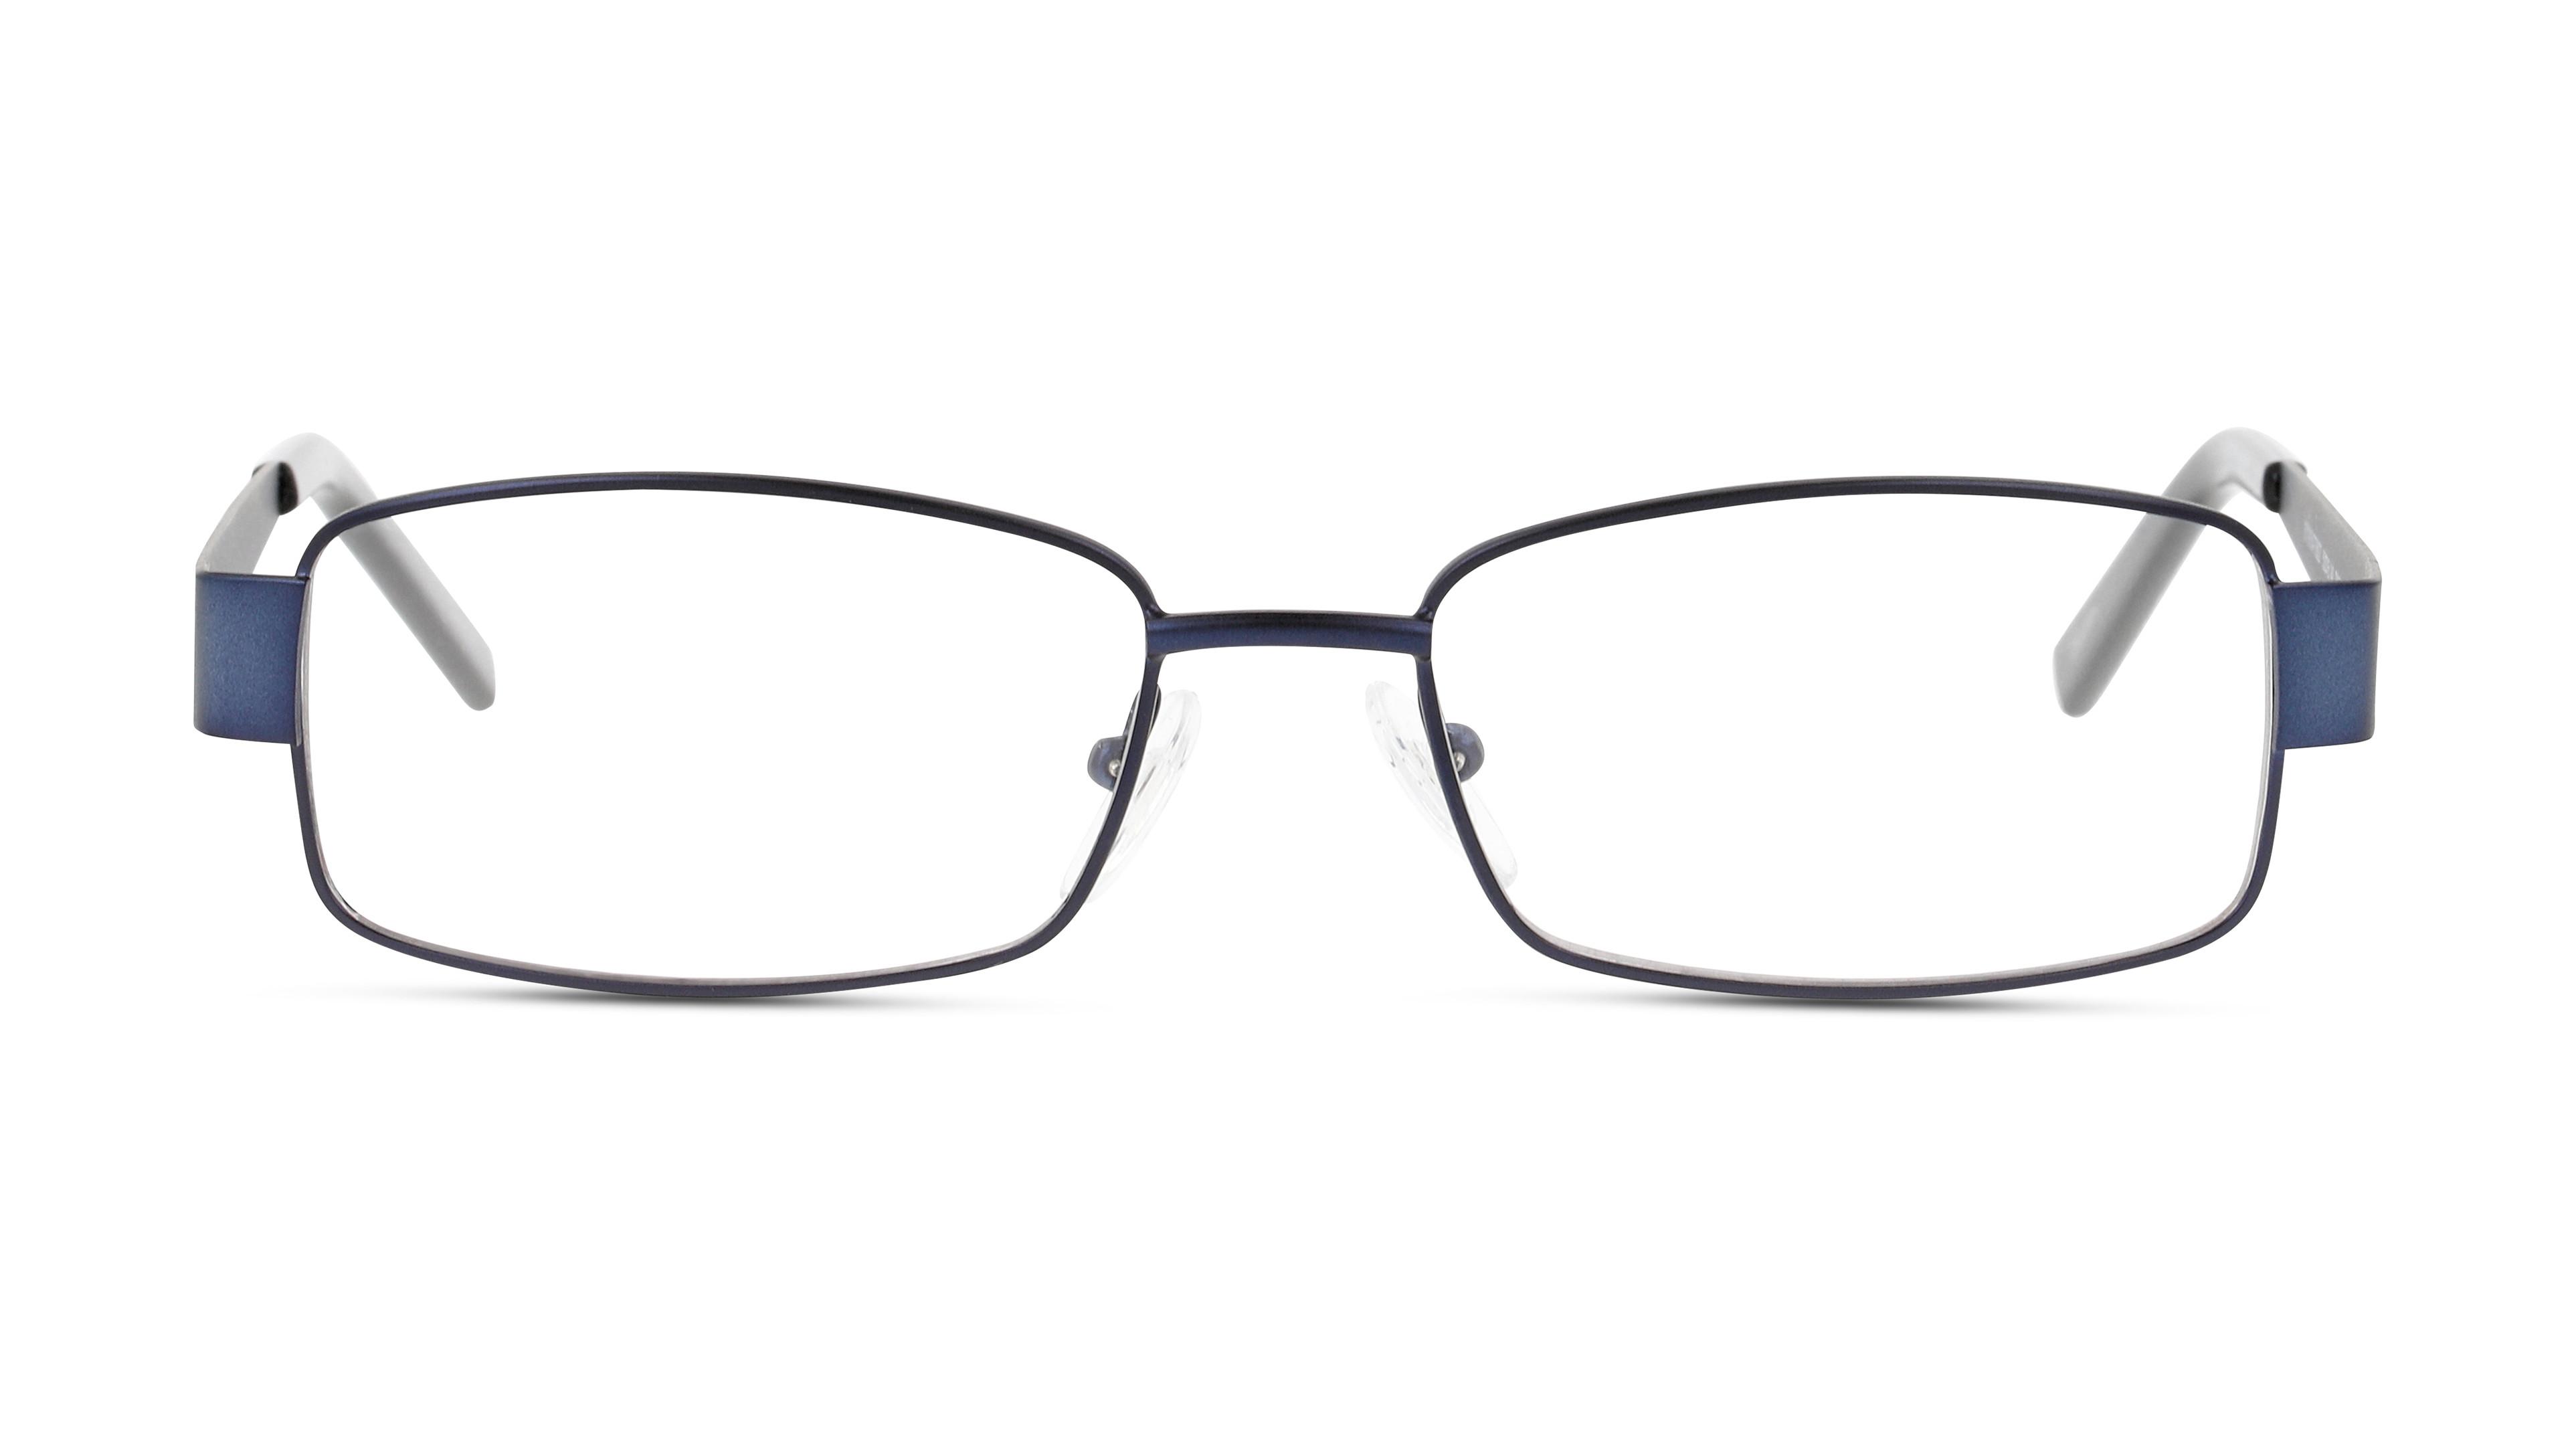 8719154778827-front-brillenfassung-seen-snam13-navy-blue-navy-blue